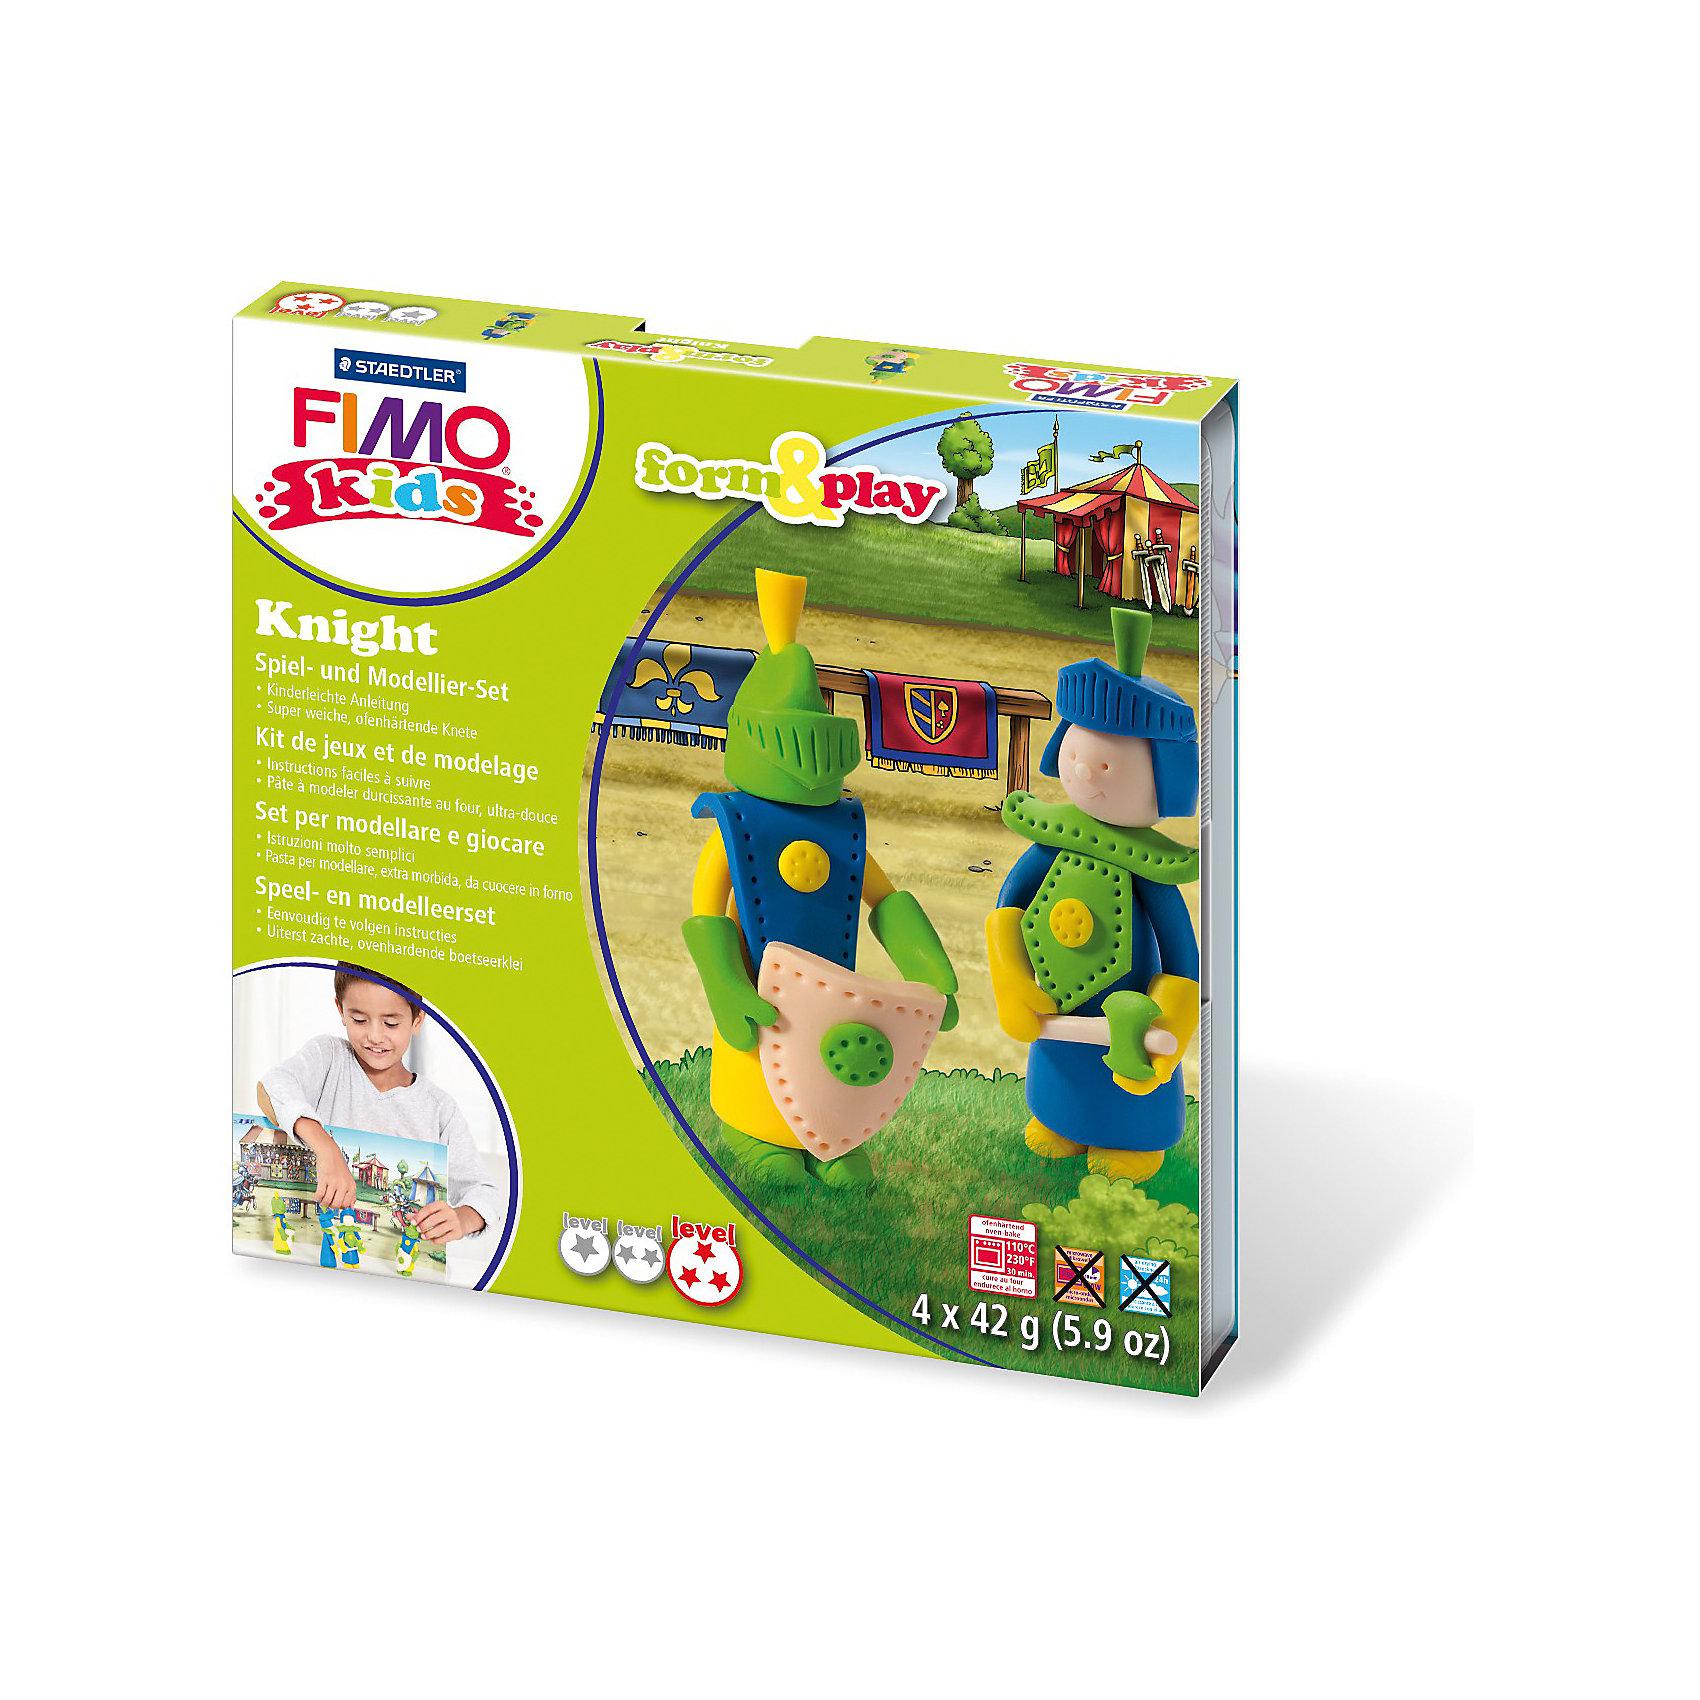 Набор для создания украшений РыцарьЛепка<br>Серия Form&amp;play представляет собой сочетание моделирование и игры. Основная концепция включает простые и хорошо понятные формы, инструкции в соответствии с уровнем сложности и полимерную глину, разработанную специально для детей. Игровая фоновая сцена, изображенная на внутренней стороне упаковки, не только доставит дополнительное удовольствие от игры, но и вдохновит на новые идеи моделирования.&#13;<br>FIMO kids form&amp;play детский набор Рыцарь - содержит: 4 блока по 42 г (желтый, синий, светло-зеленый, телесный), стек для моделирования, пошаговые инструкции, игровая фоновая сцена. Уровень сложности 3.<br><br>Ширина мм: 156<br>Глубина мм: 159<br>Высота мм: 25<br>Вес г: 256<br>Возраст от месяцев: 60<br>Возраст до месяцев: 96<br>Пол: Унисекс<br>Возраст: Детский<br>SKU: 3608626